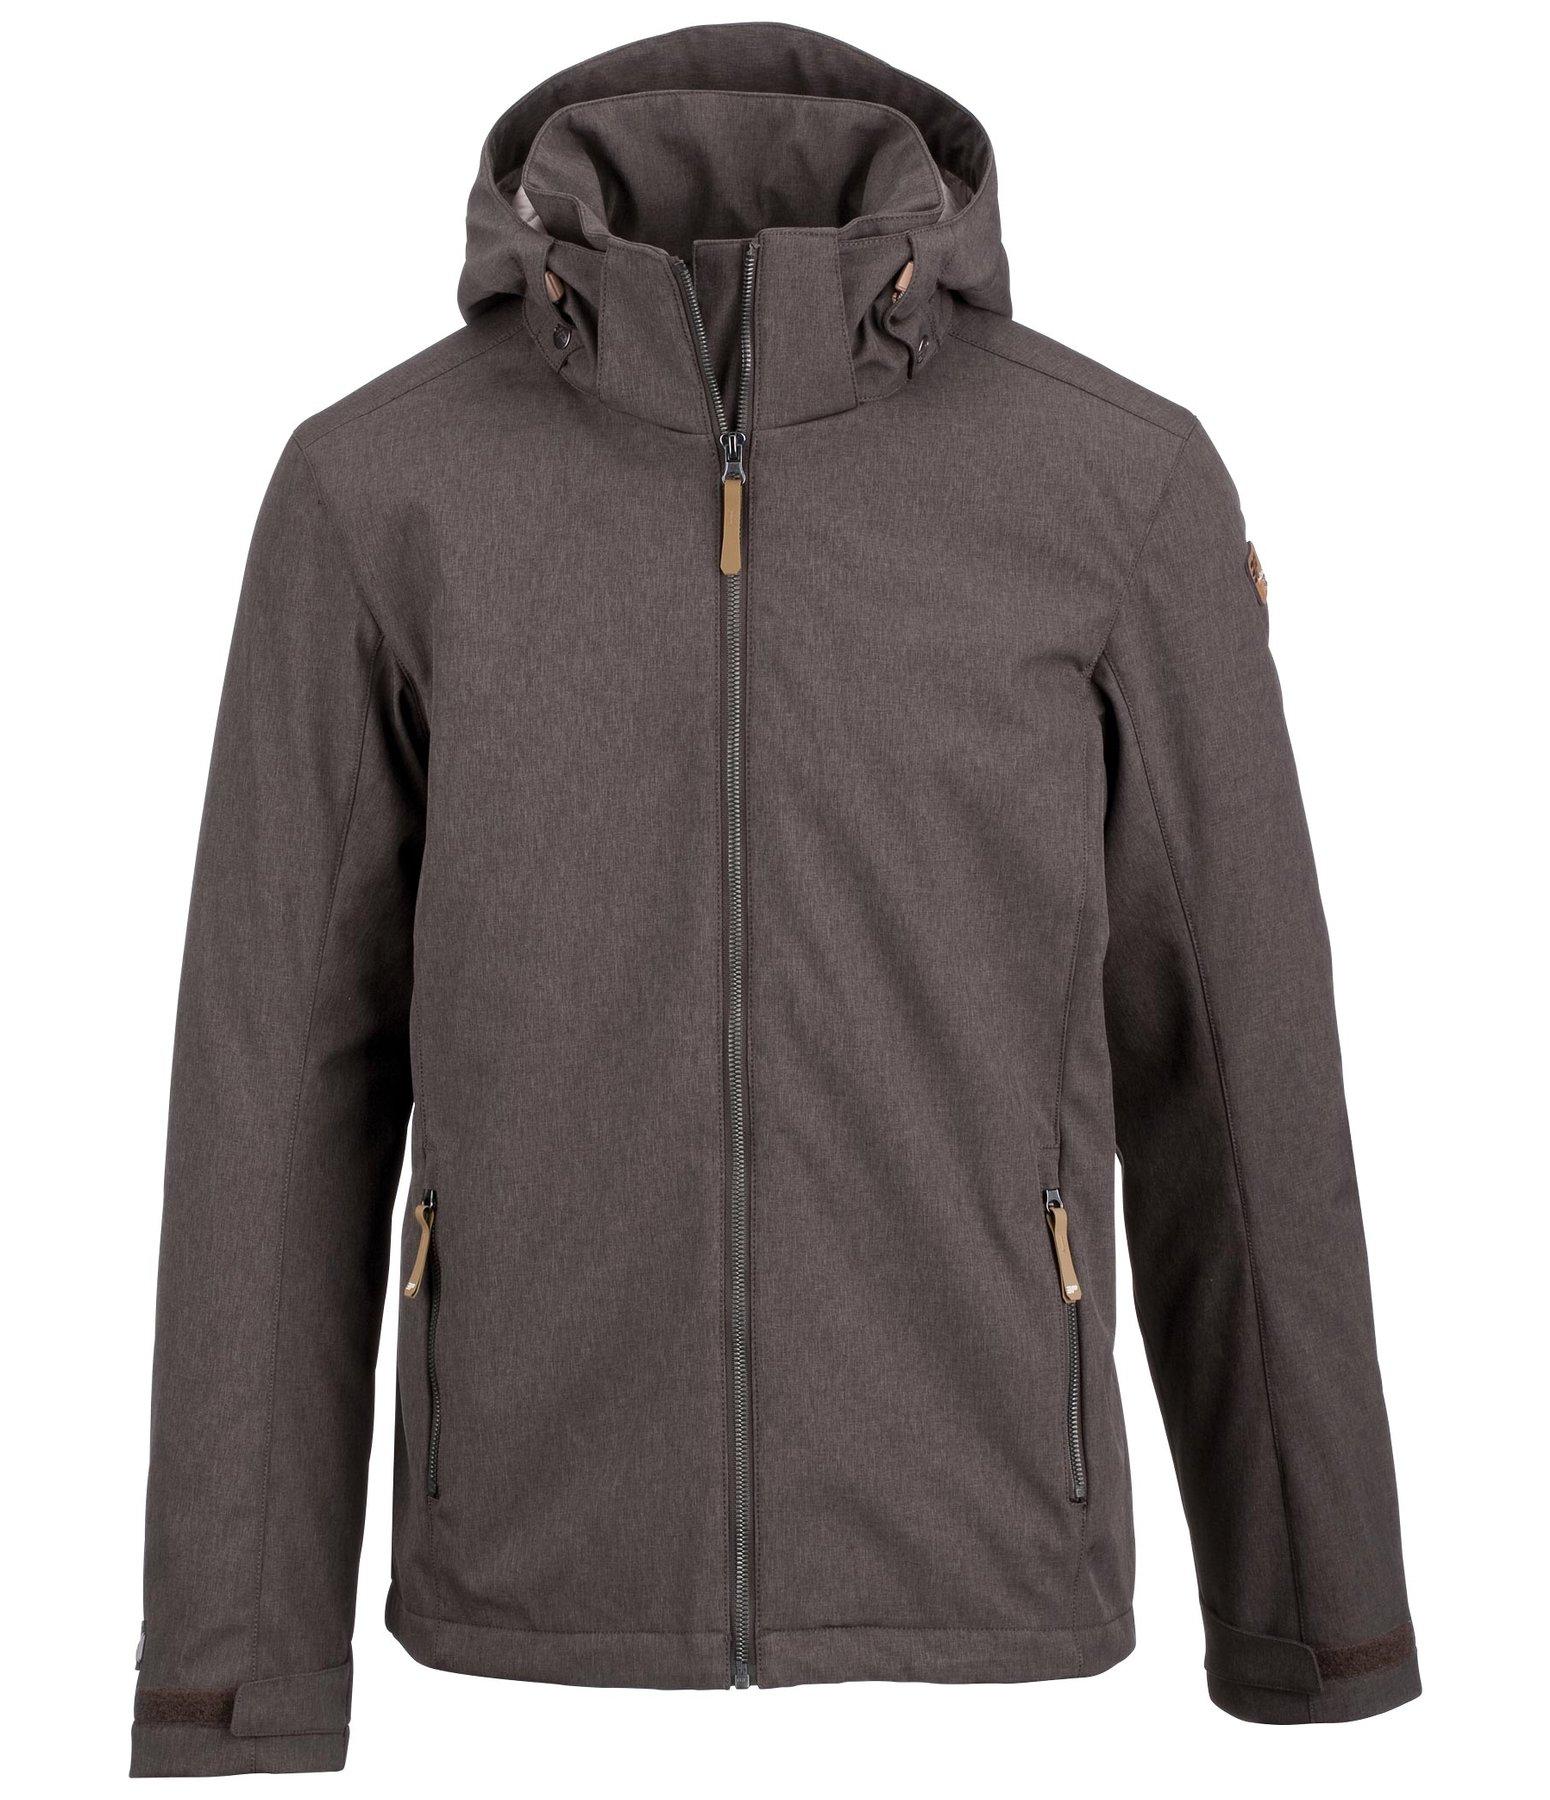 Top Marken zum halben Preis hohe Qualität Herren-Winter-Softshelljacke Trevor